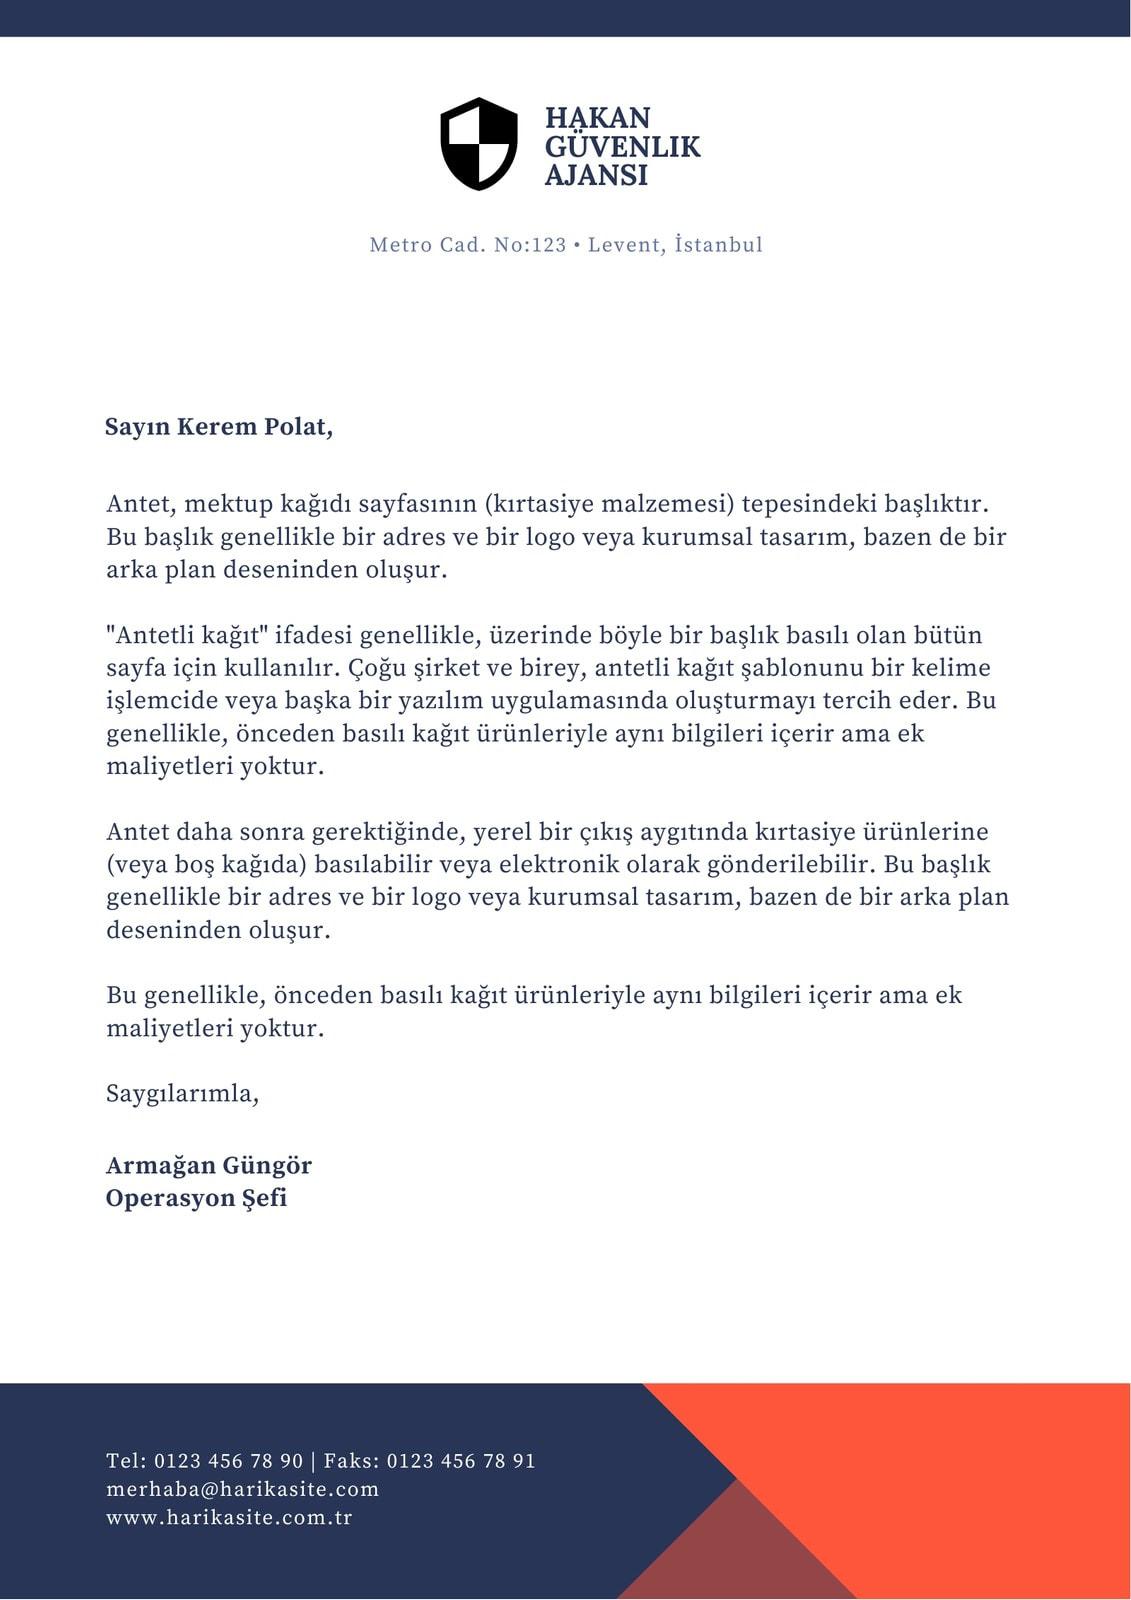 Turuncu ve Mavi Güvenlik Resmi Antetli Kağıt